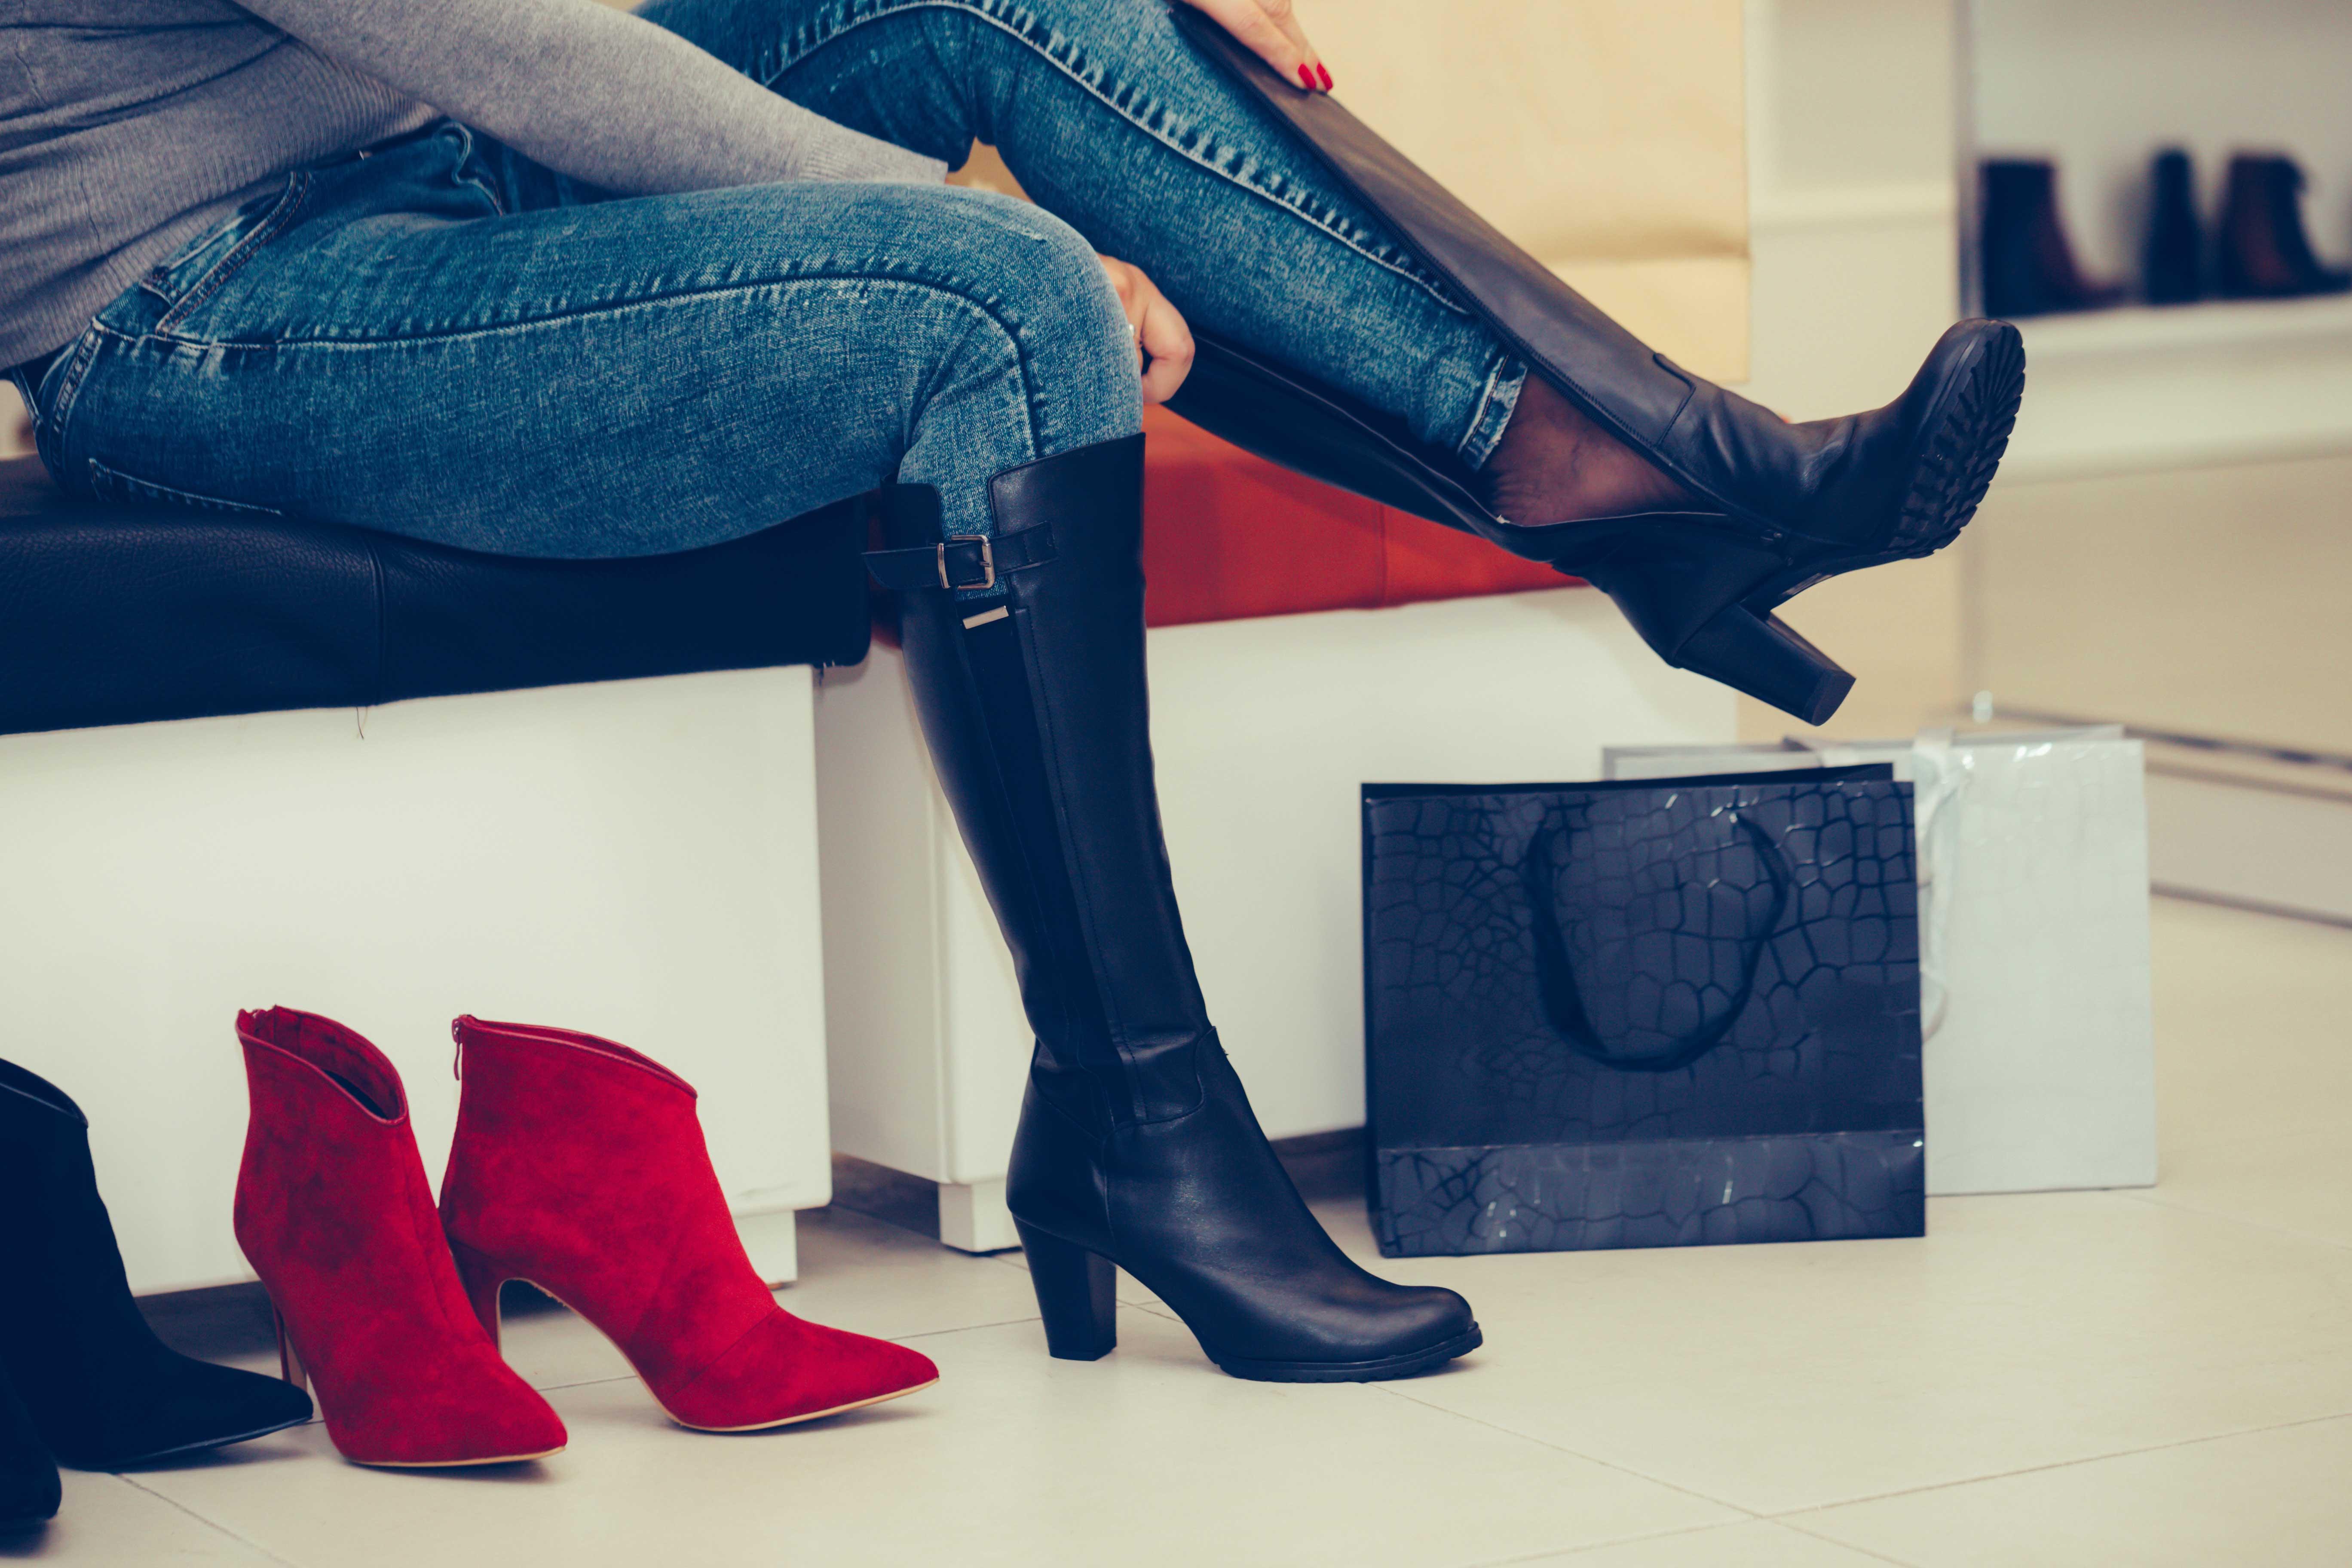 冬の定番「ブーツ」の種類を比較 今季のトレンドはロングブーツが復活!?